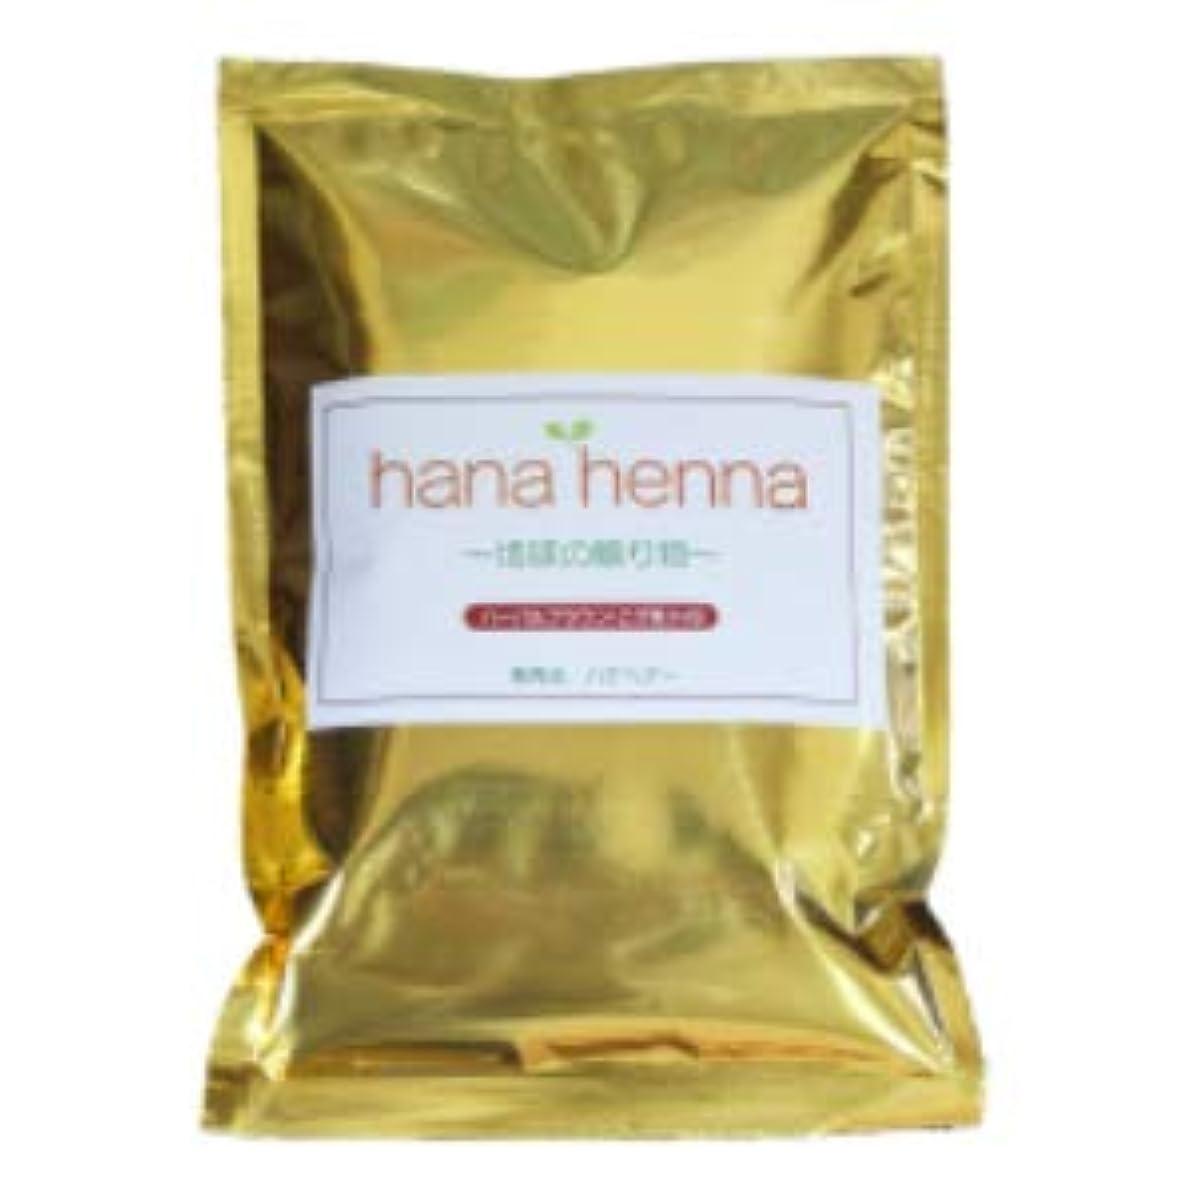 電子あそこ平和な?hana henna?ハナヘナ ハーバルブラウン(こげ茶) (100g)